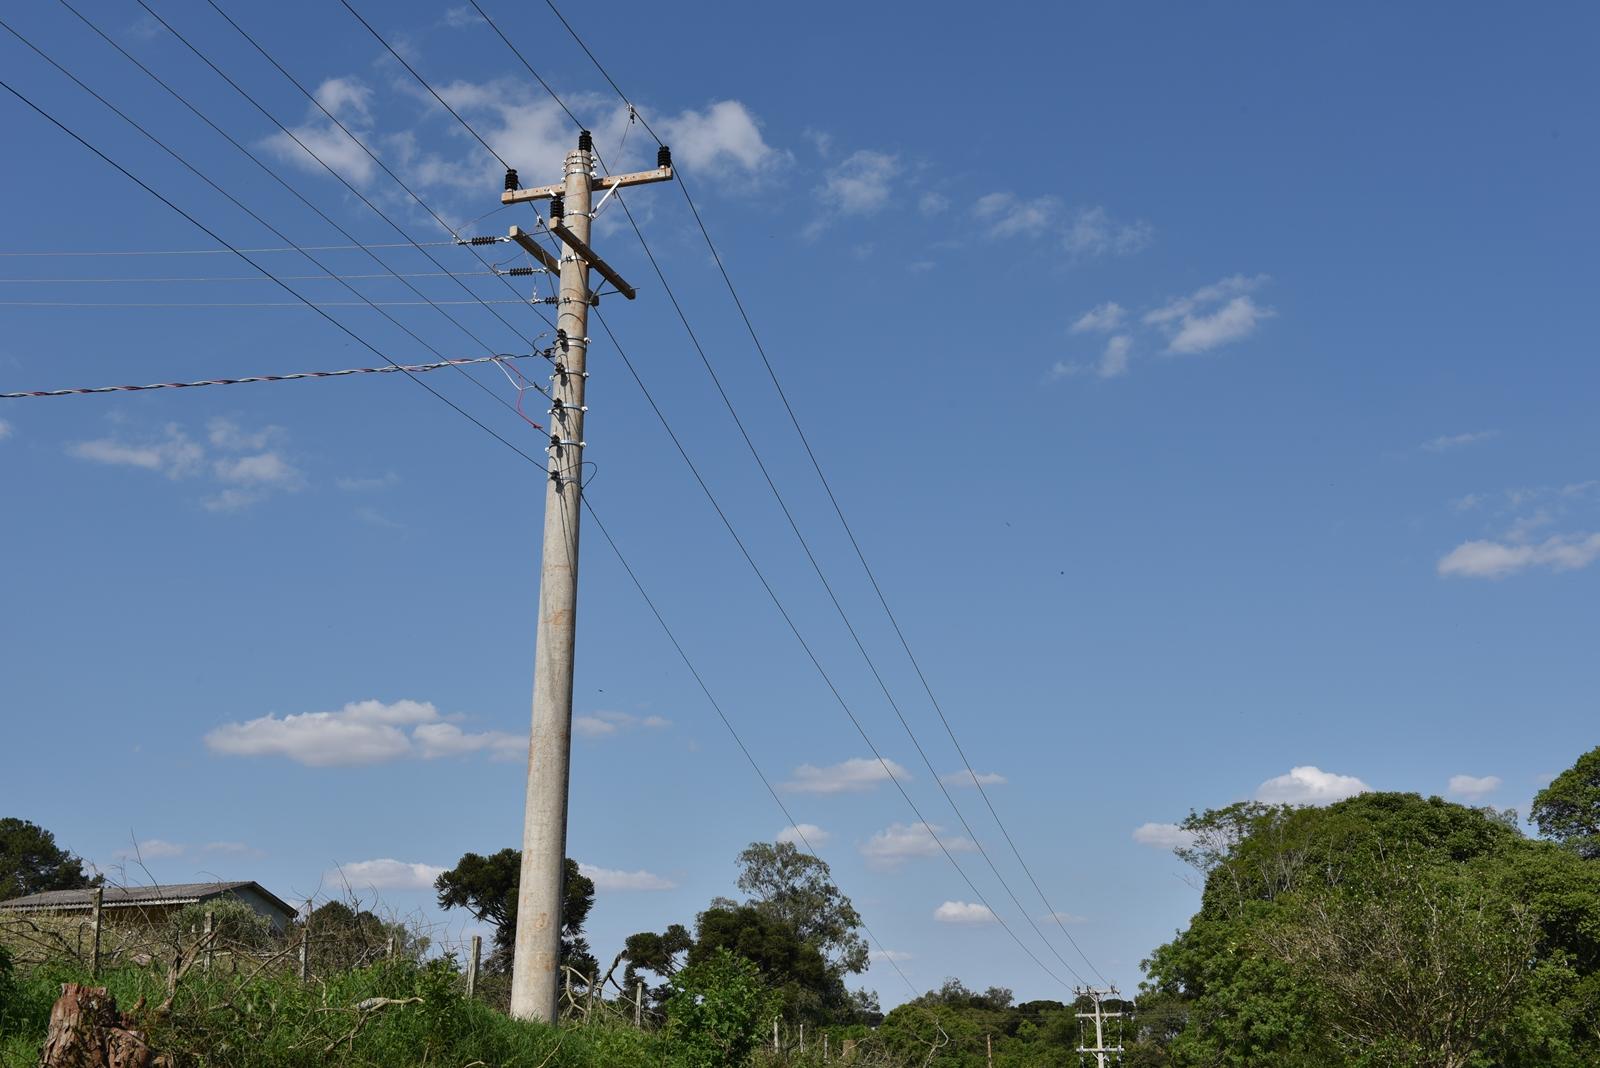 Com 6 projetos em andamento Coprel vai investir R$ 40 milhões no sistema elétrico neste ano